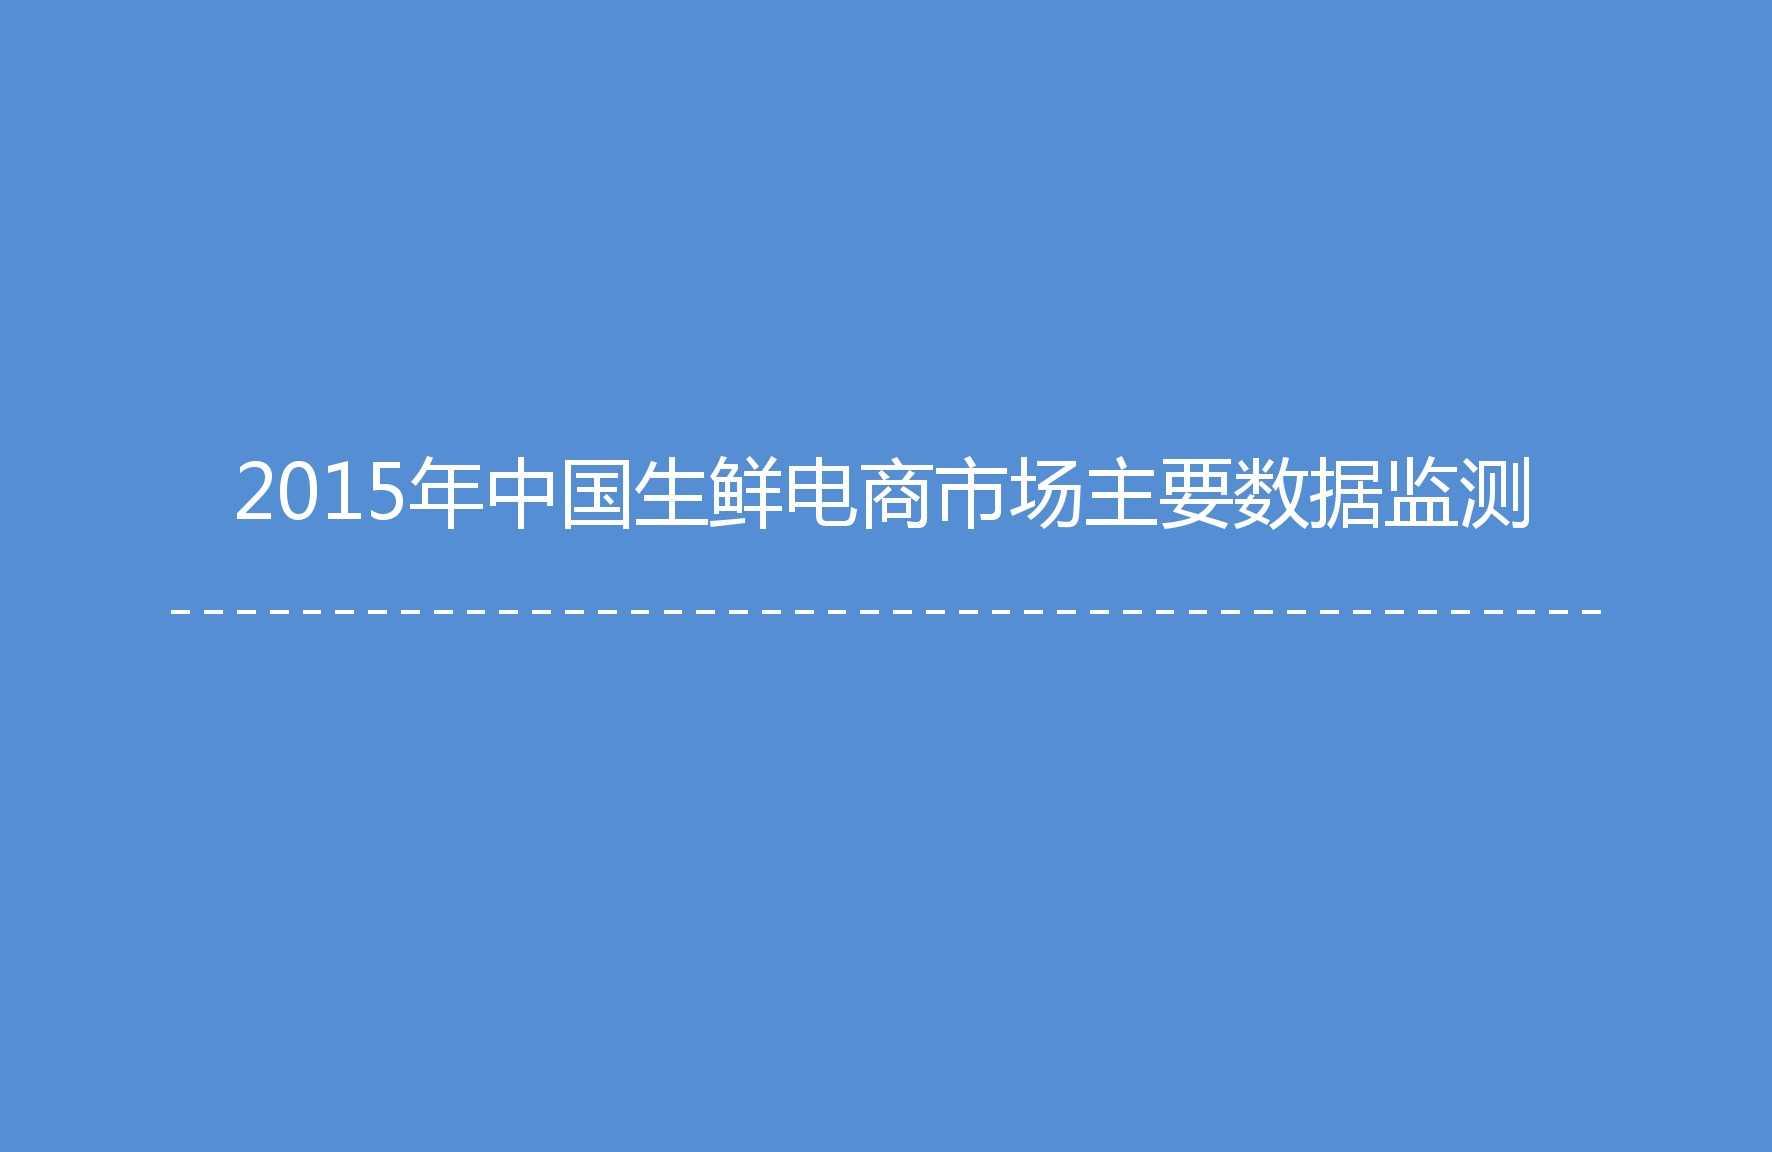 艾媒咨询:2015年中国生鲜电商市场研究报告_000014